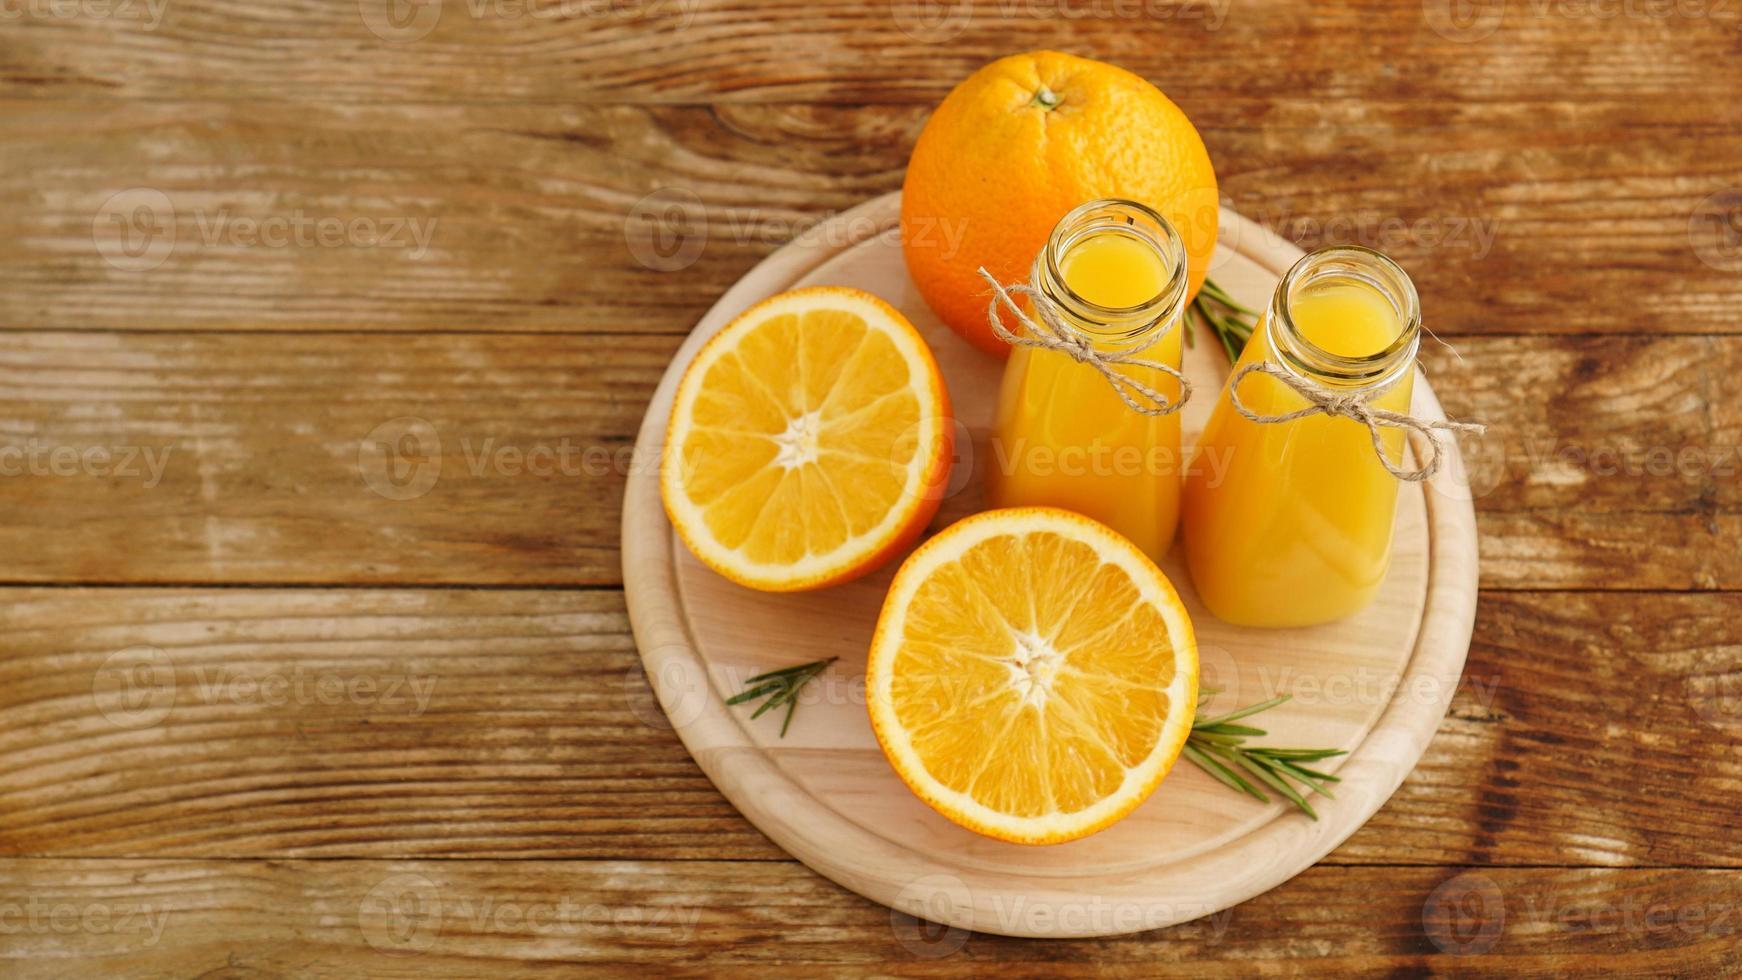 färsk apelsinjuice på träbord på en träskiva foto